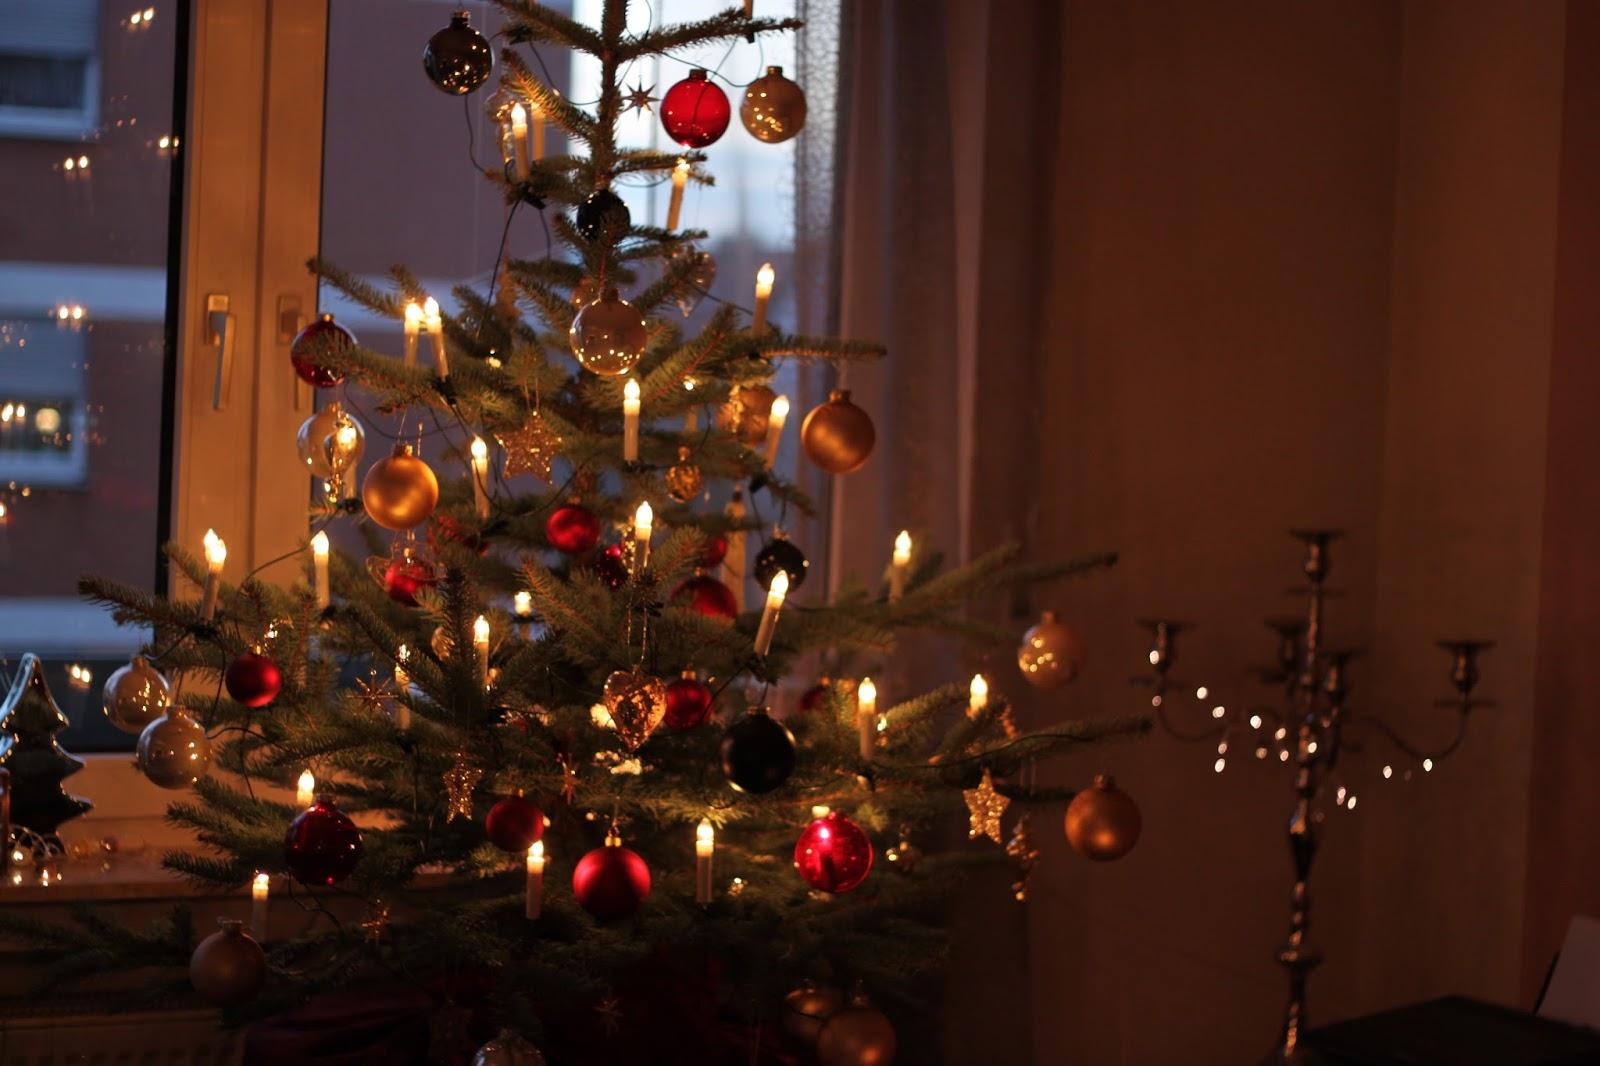 Wieso sollten wir Weihnachten genießen?